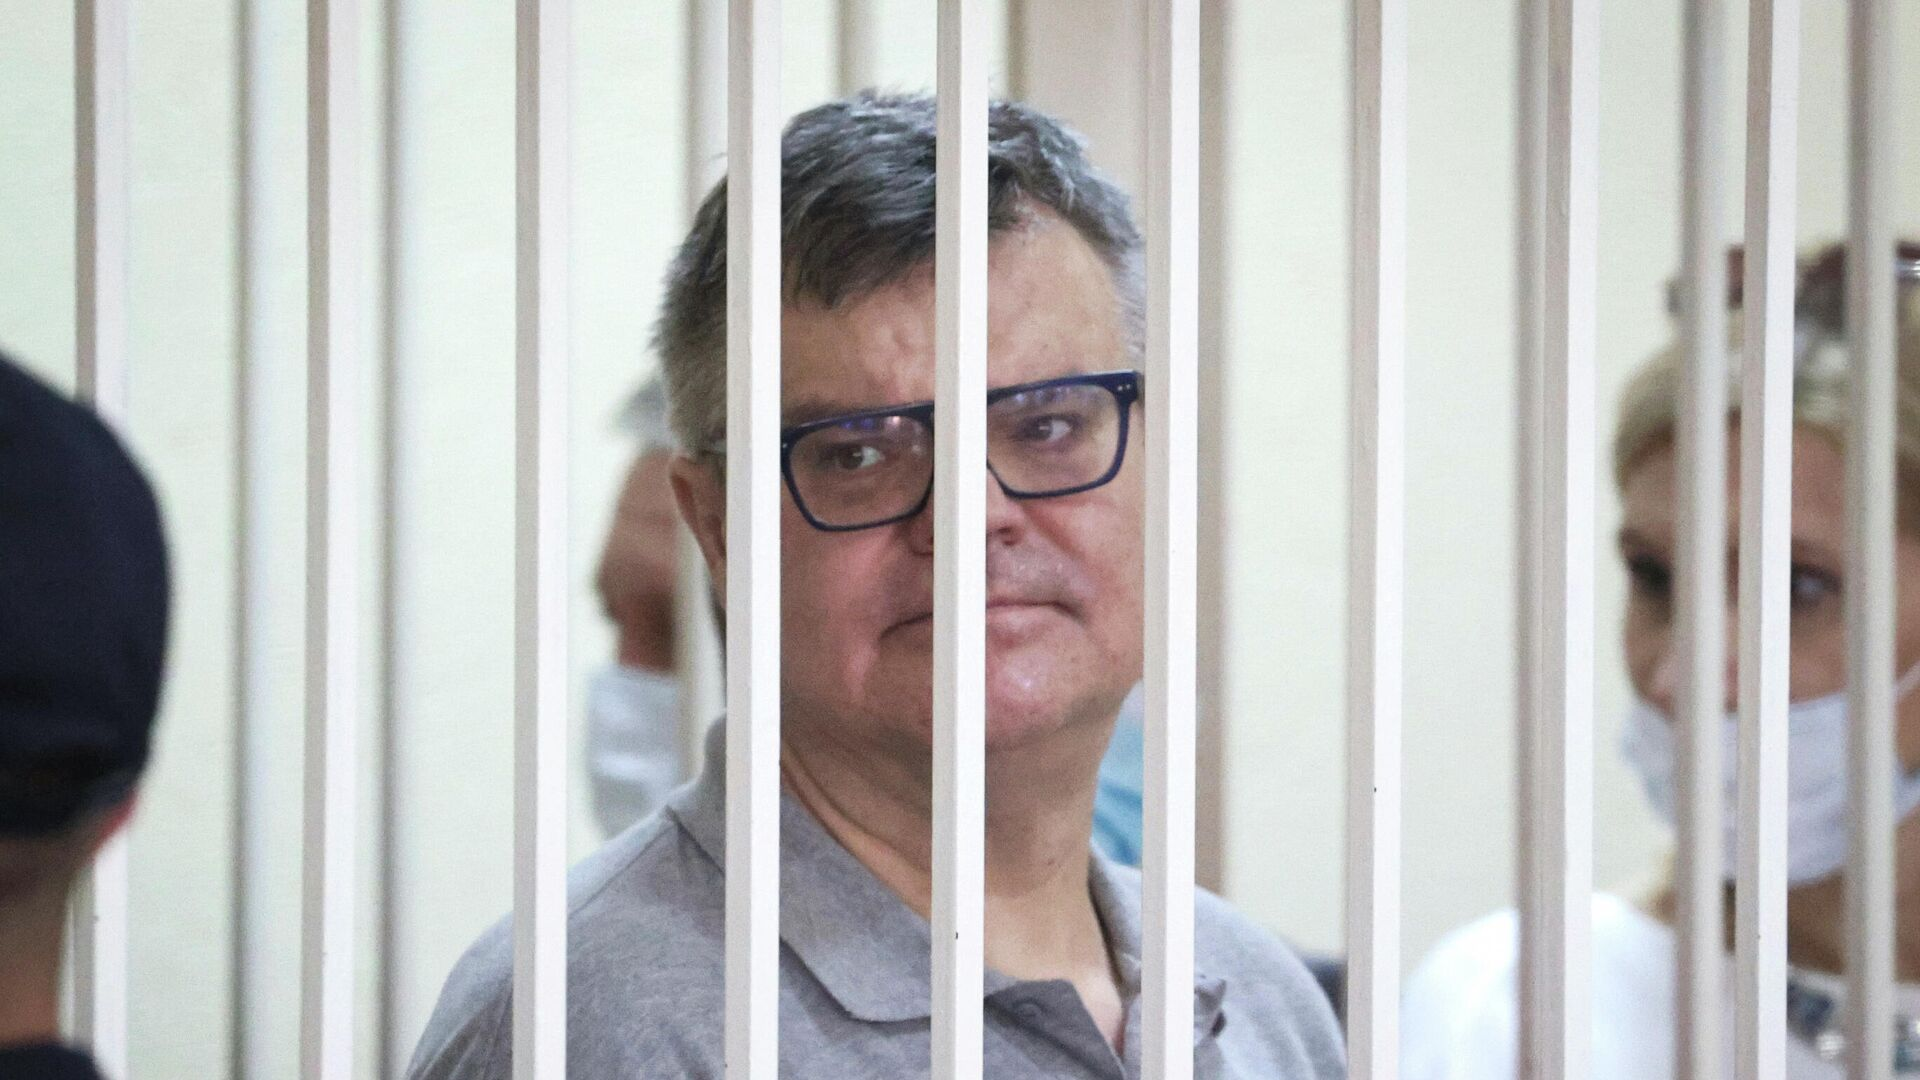 Виктор Бабарико на суде 6 июля 2021 года - Sputnik Беларусь, 1920, 13.07.2021